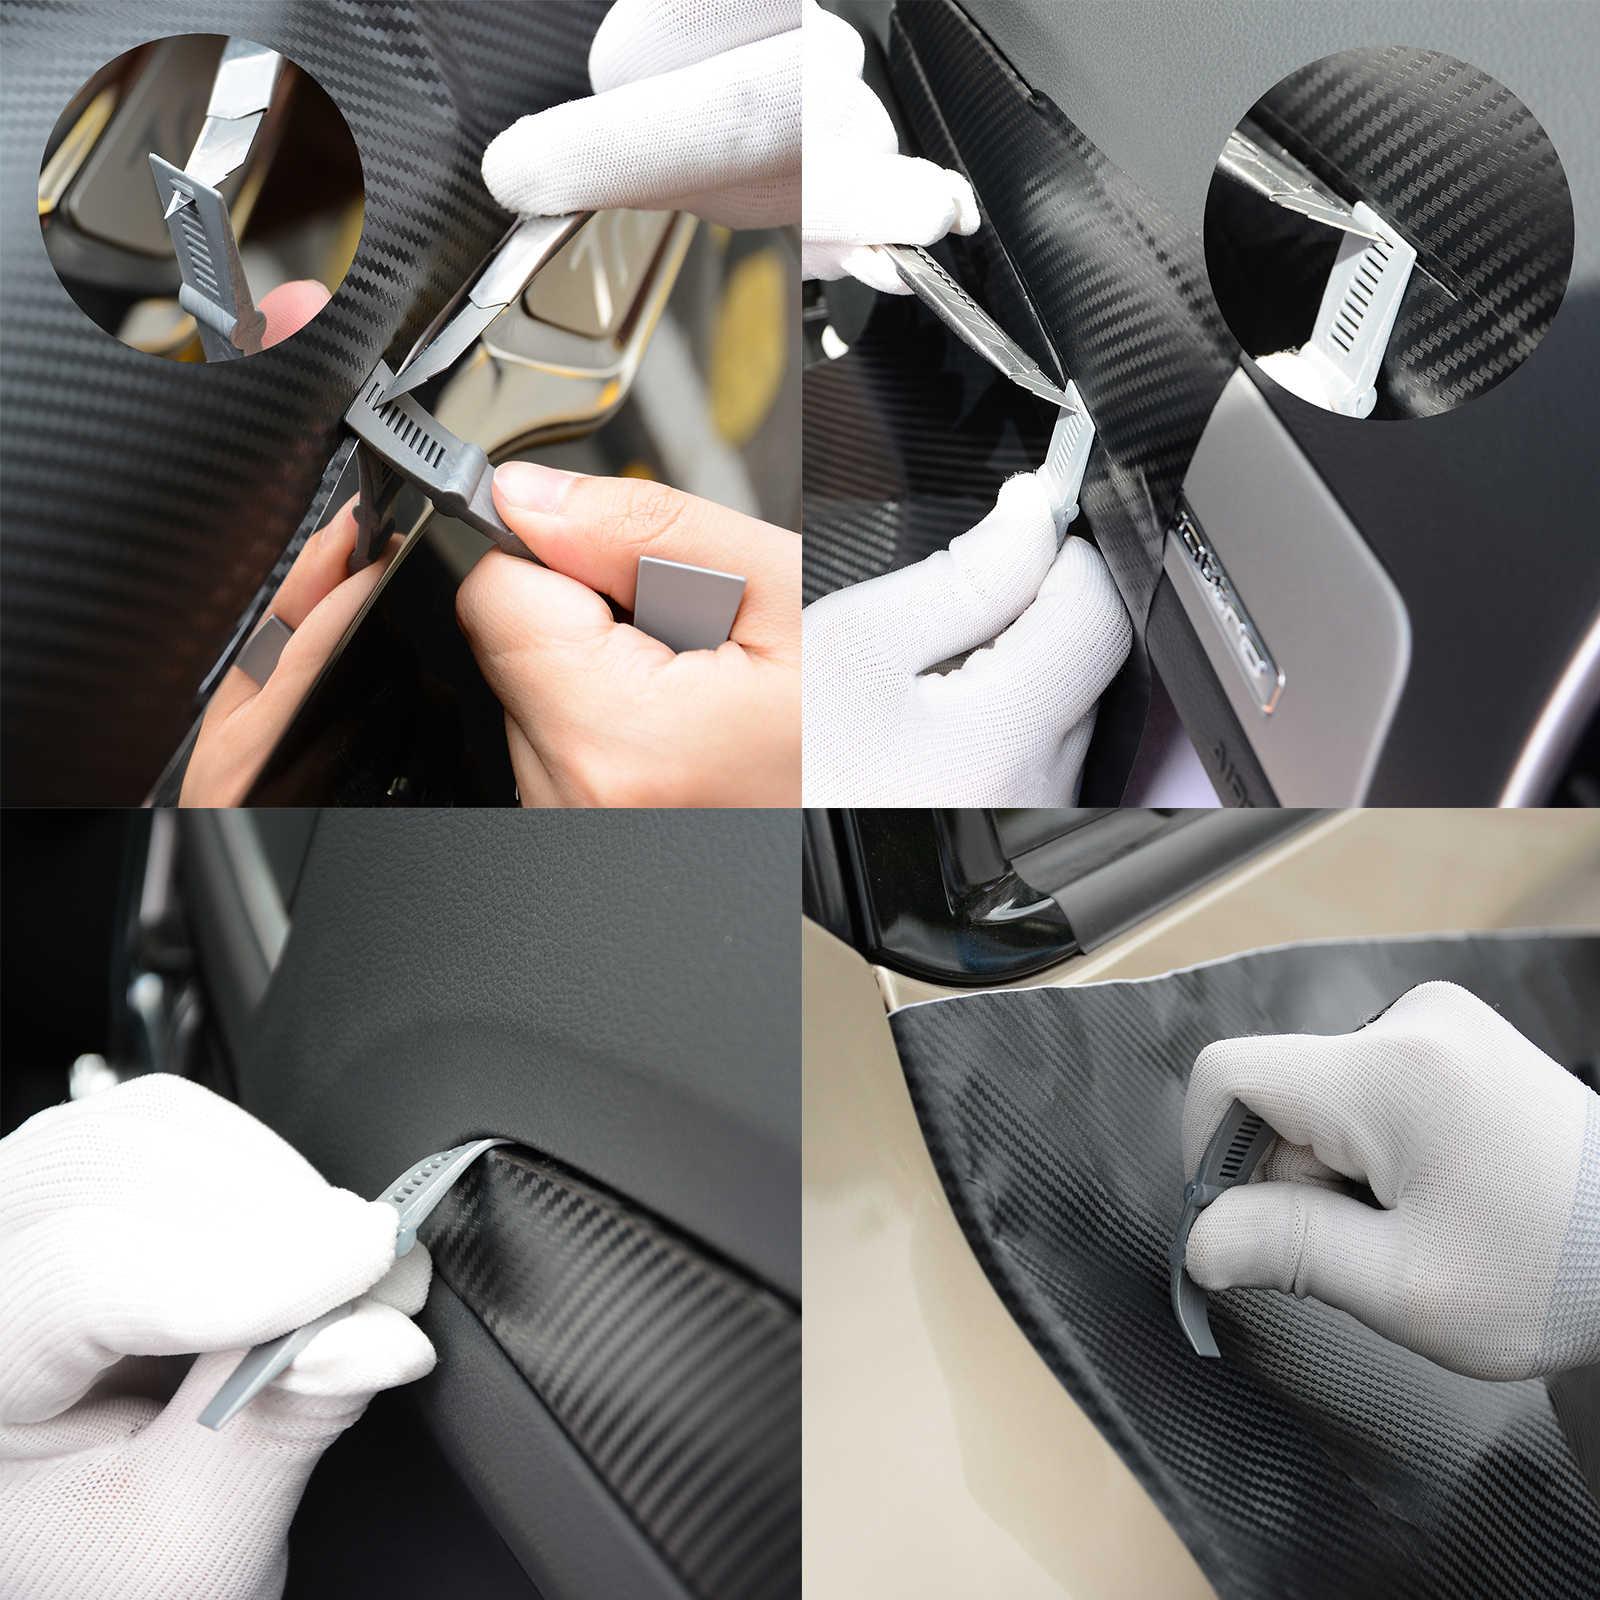 FOSHIO vinil şal araba karbon Fiber mıknatıs çekçek pencere tonu kauçuk kazıyıcı etiket uygulaması araç seti sarma aksesuarları